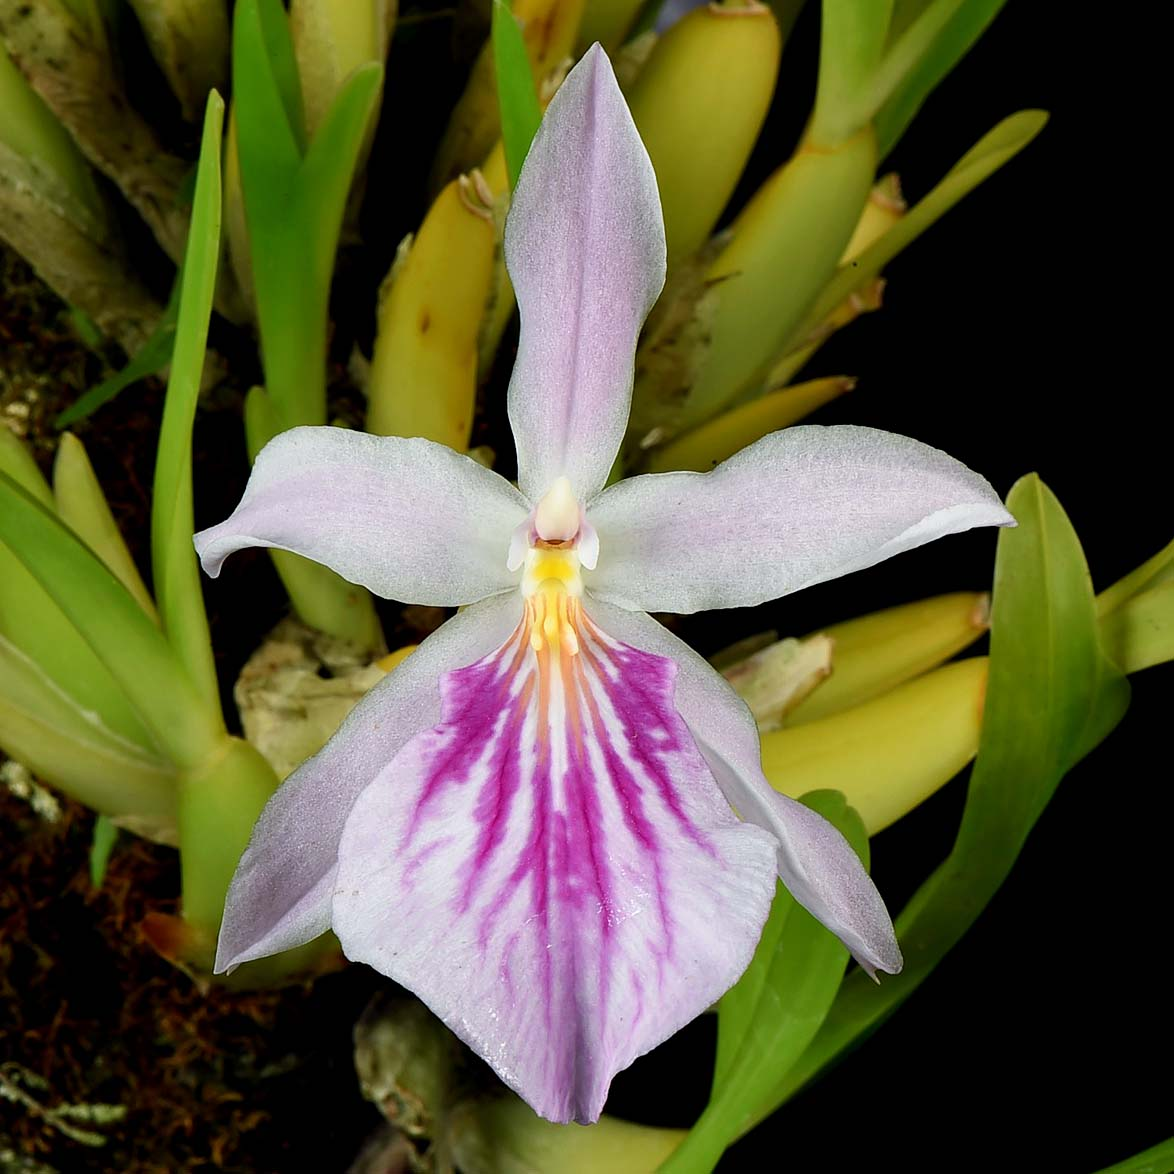 Miltonia spectabilis